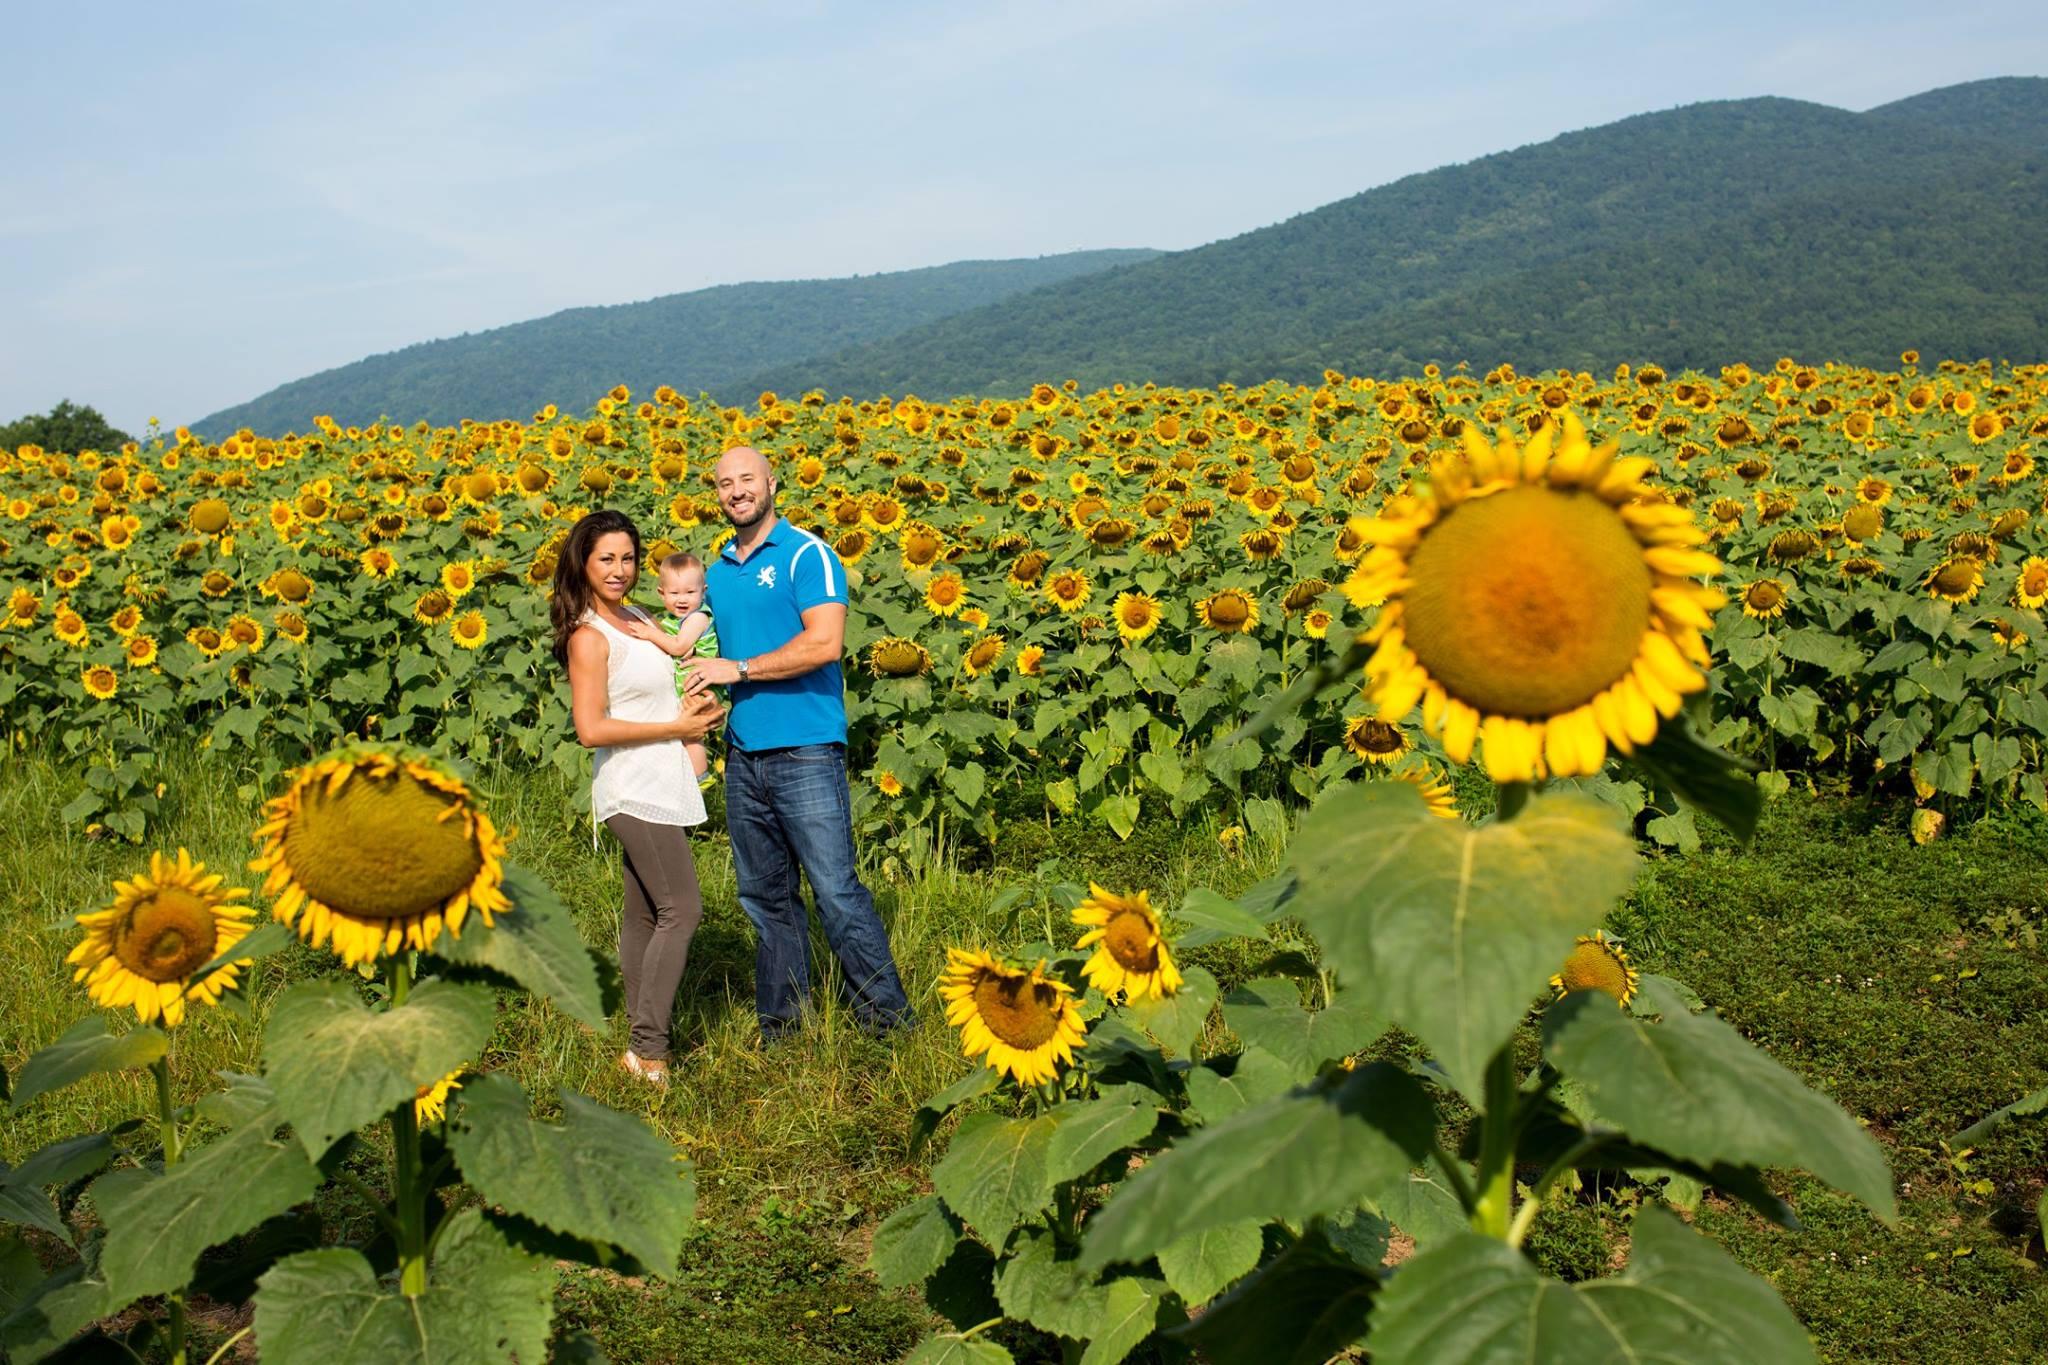 AWP_Sunflowers.jpg